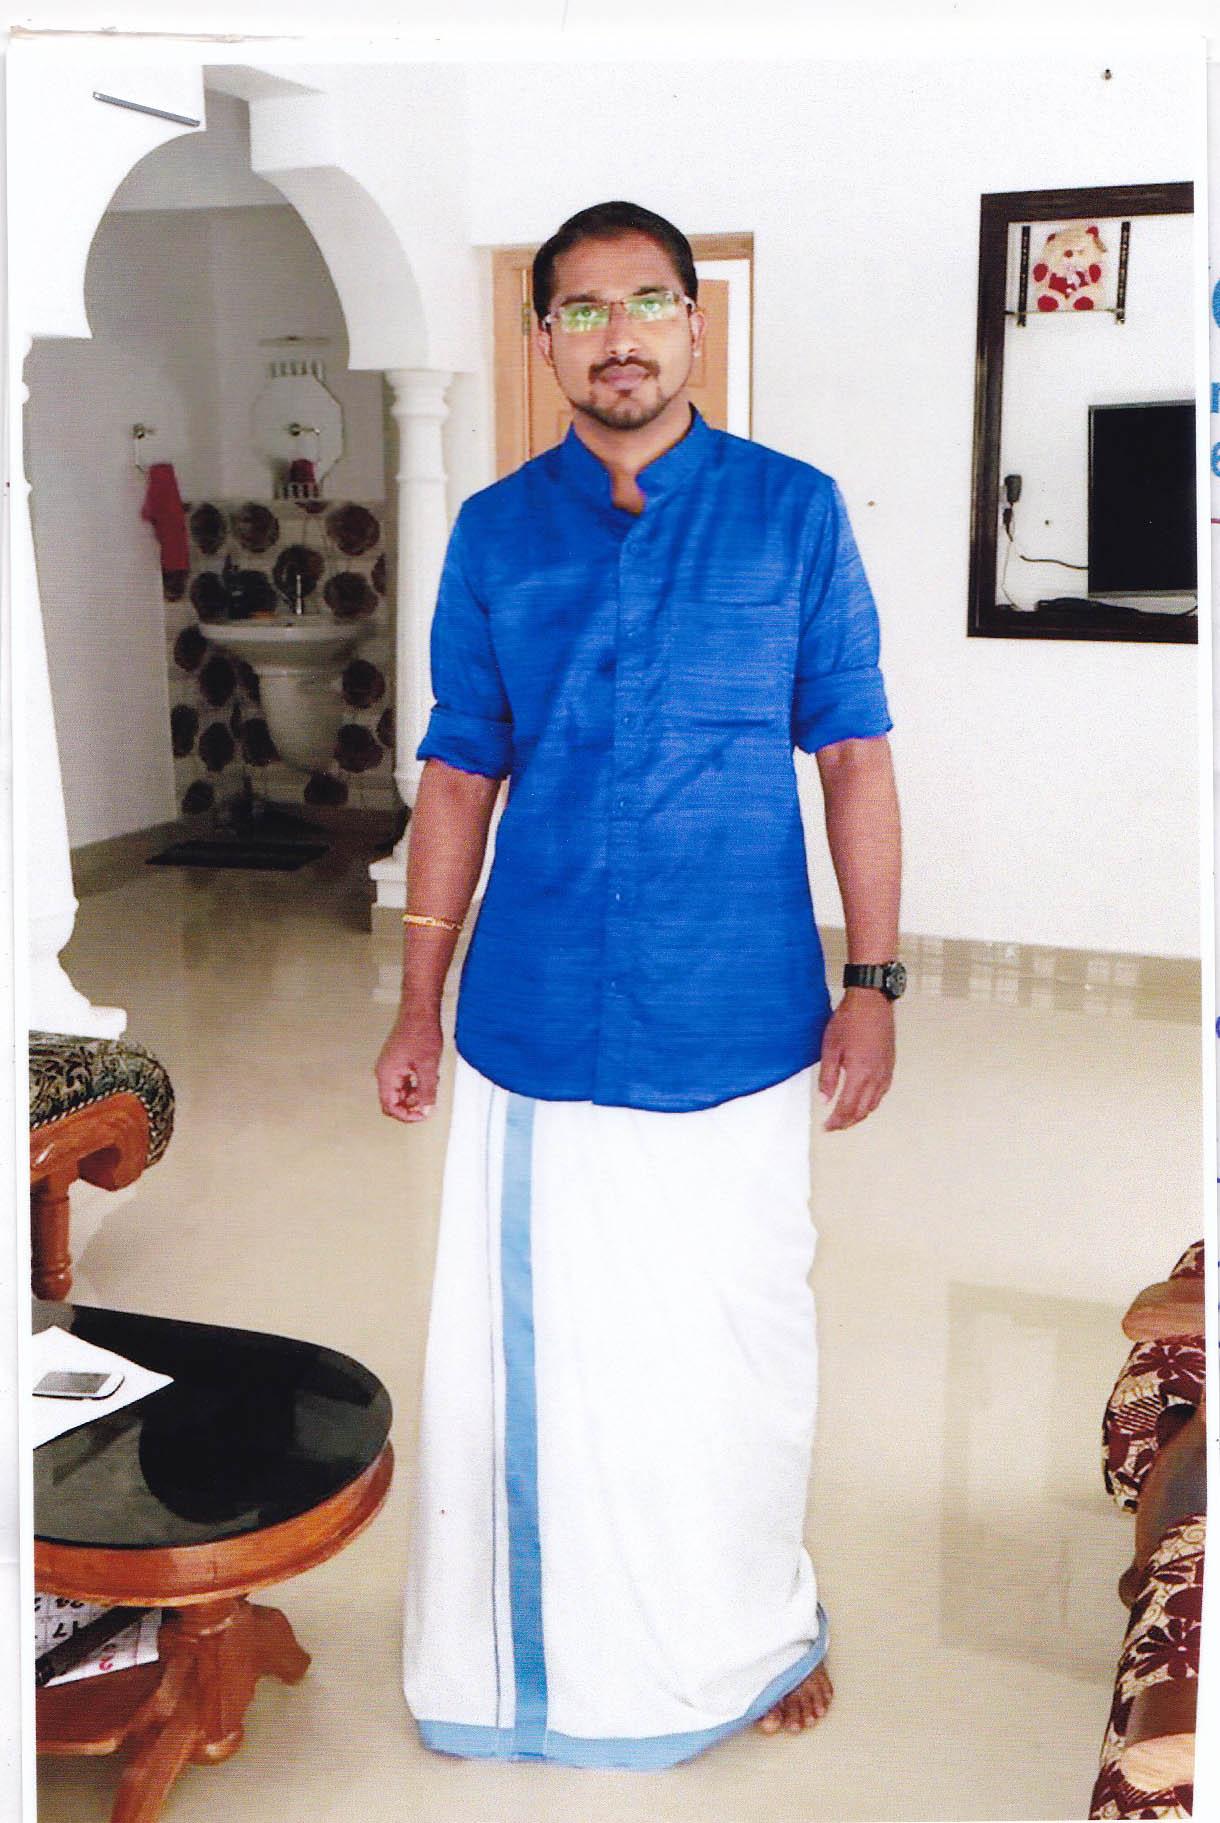 http://chaithanya.in/mat/assets/uploads/profilephotos/48677/544858.jpg